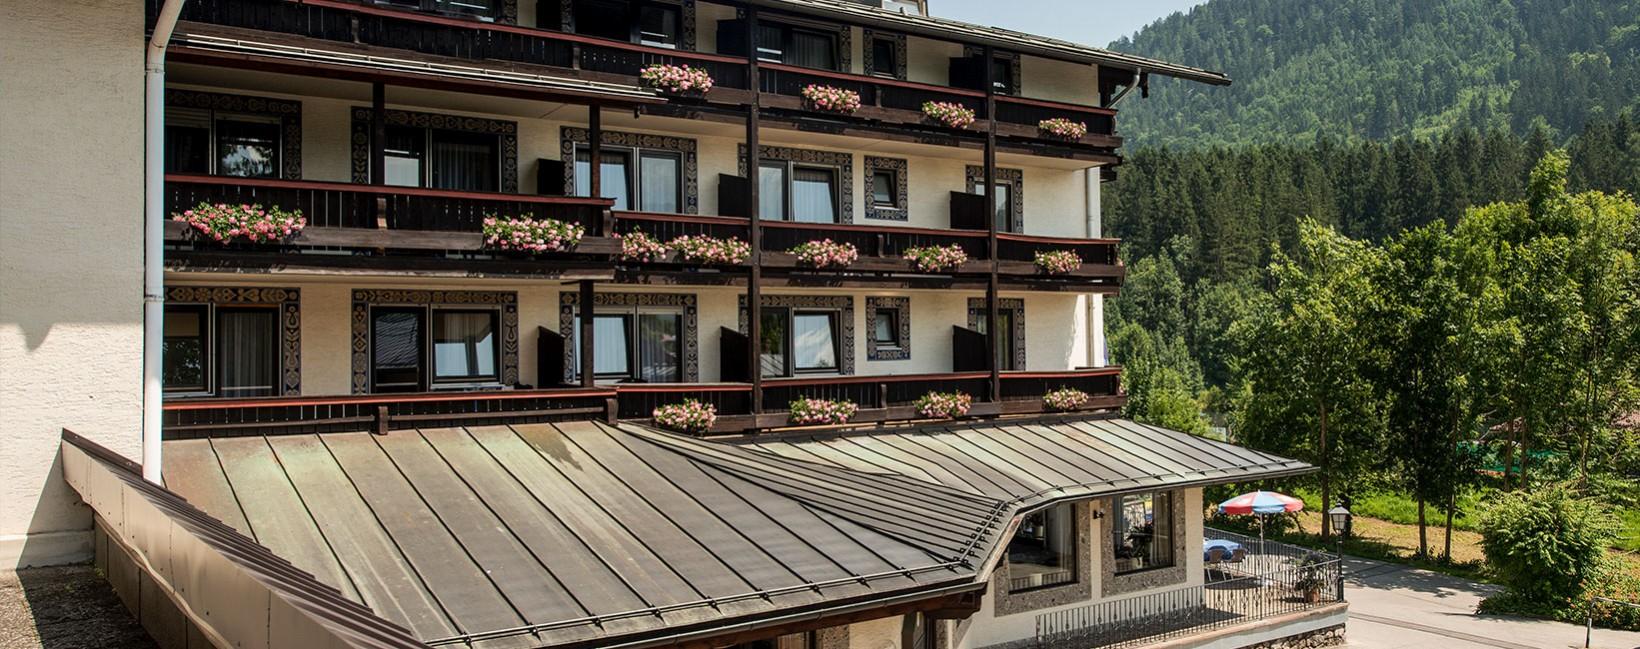 Alpensporthotel Seimler Berchtesgaden Sommer